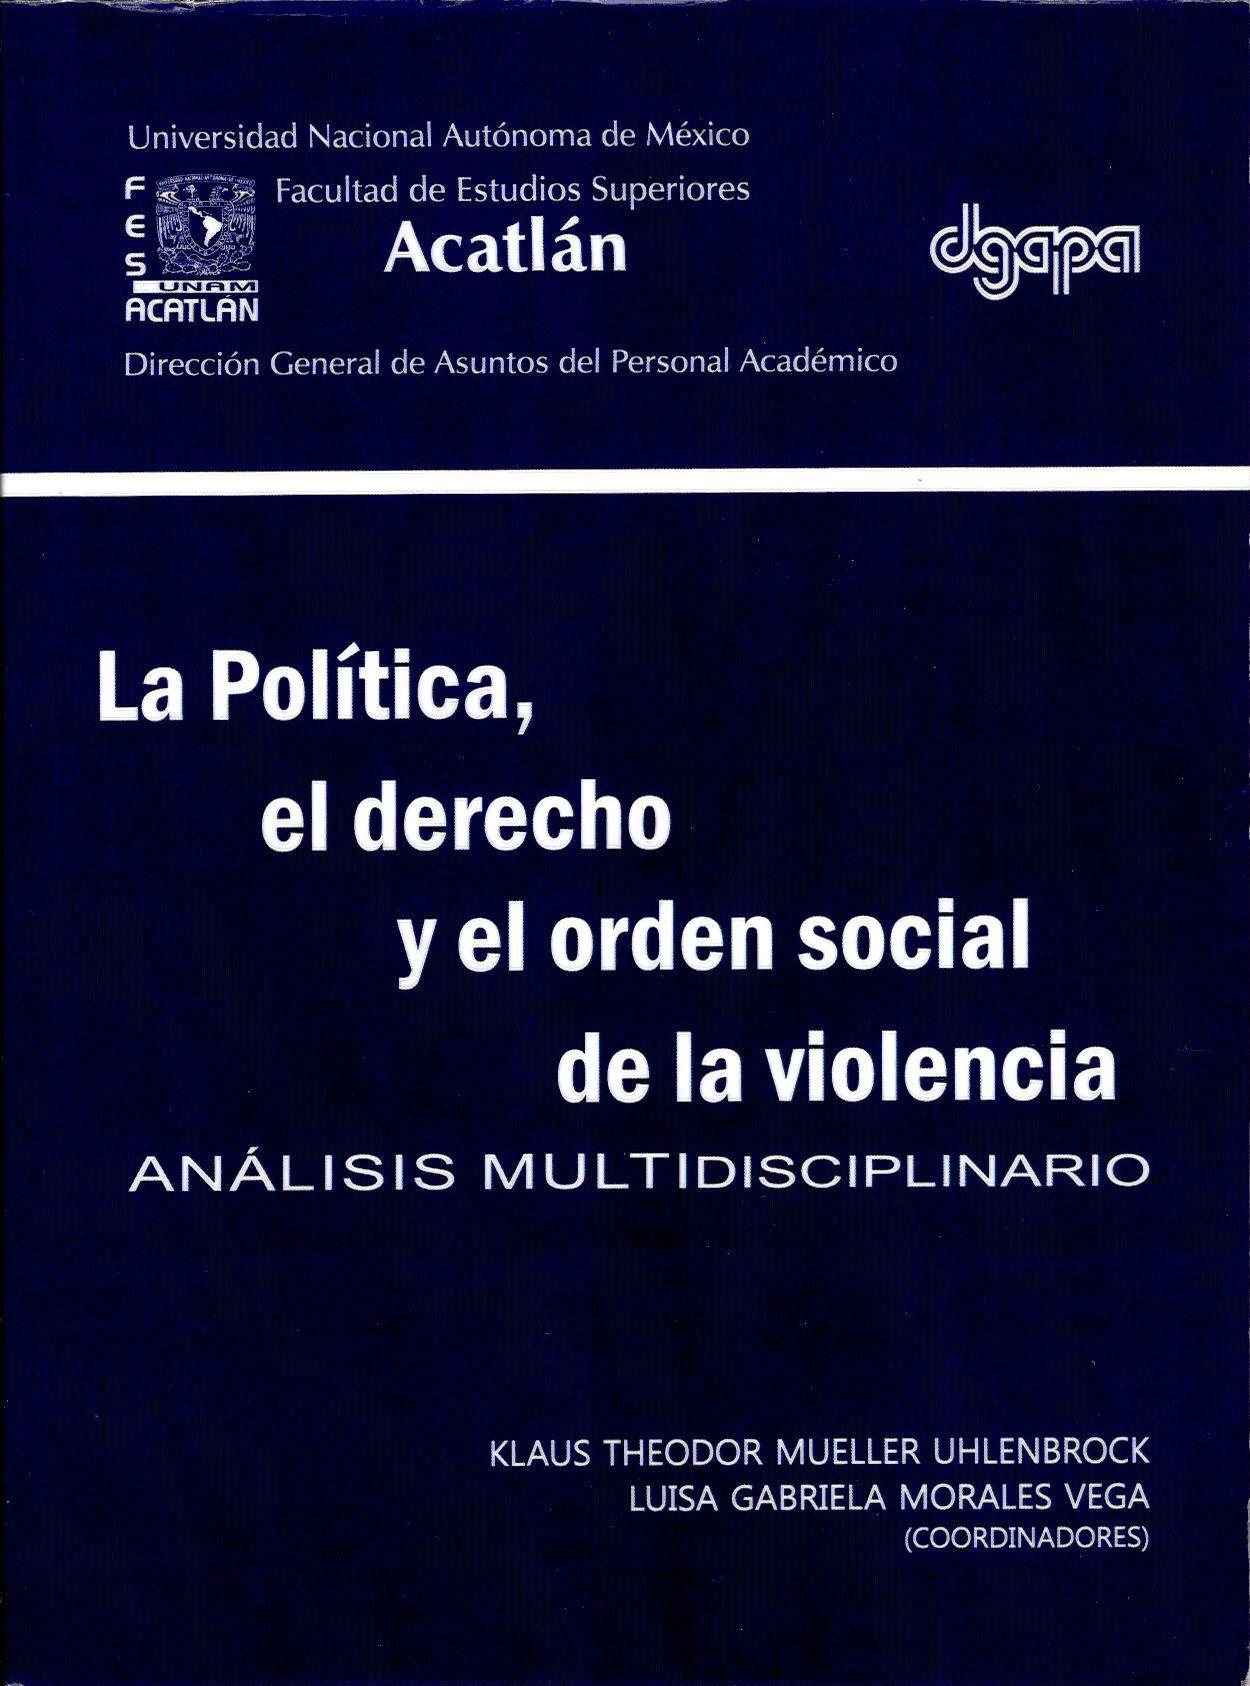 La Política, el derecho y el orden social de la violencia. Análisis multidisciplinario